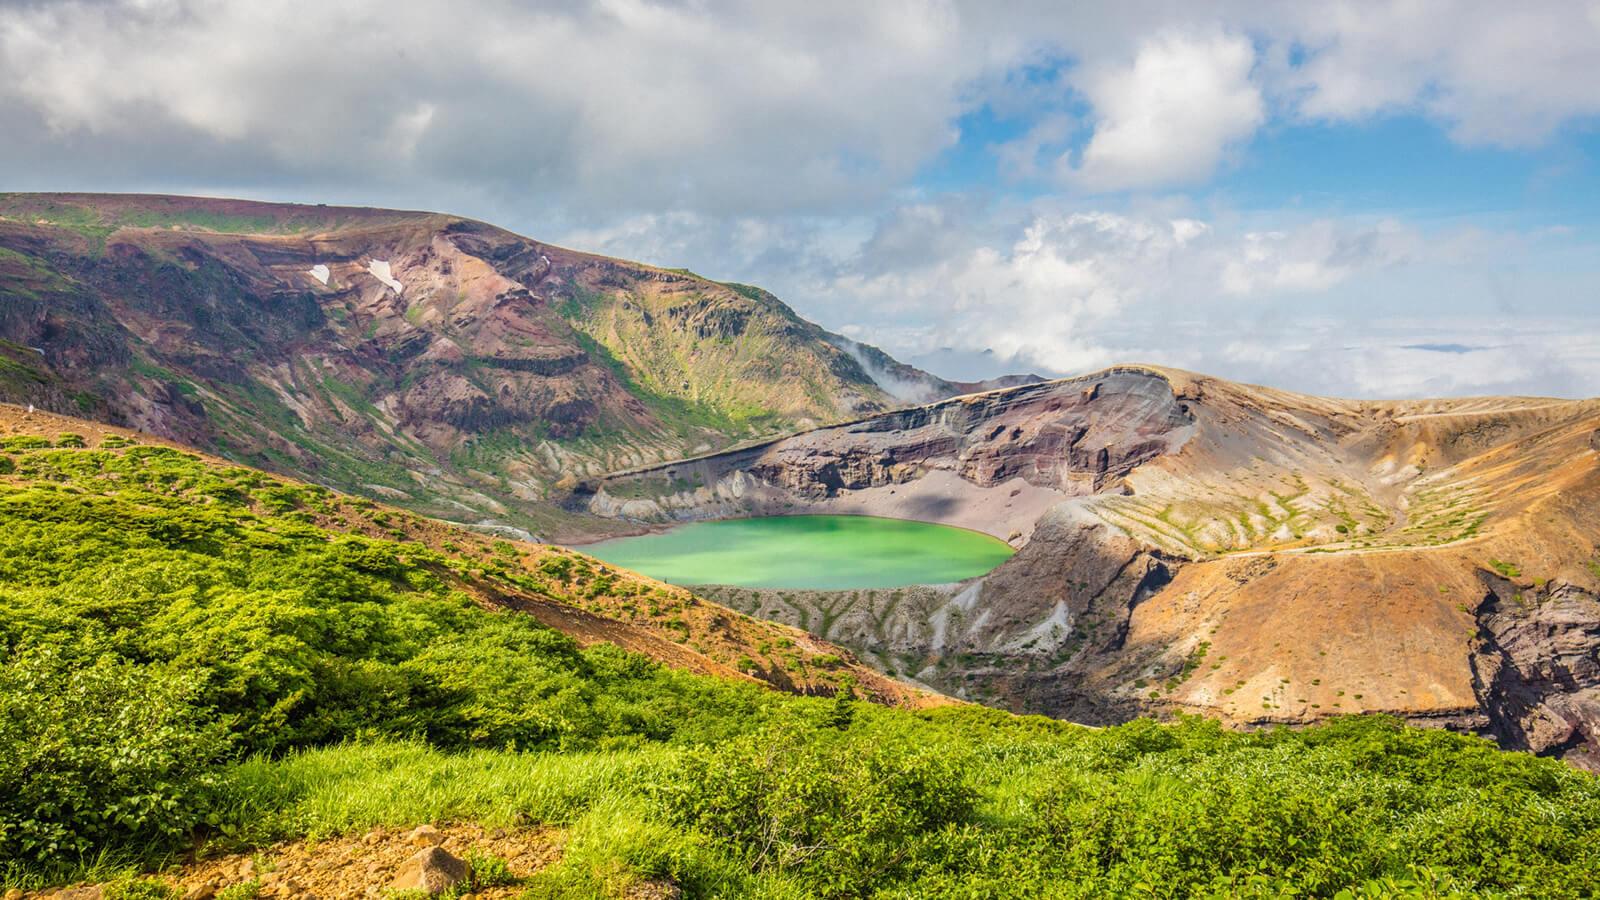 ทะเลสาปในปากปล่องภูเขาไฟ (โอคามะ)